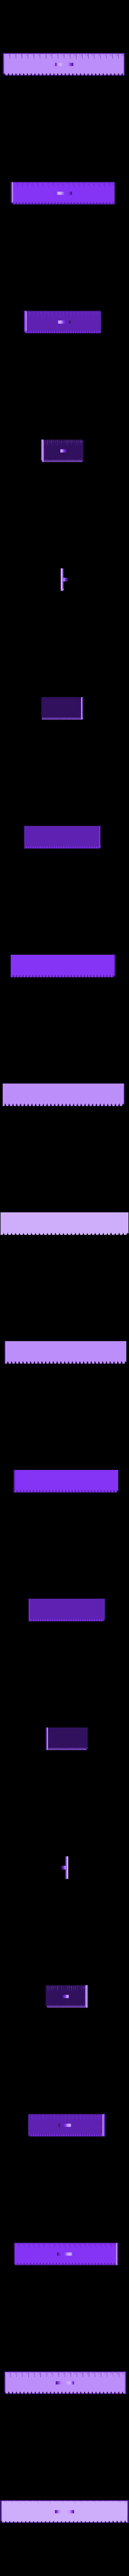 Règle.stl Télécharger fichier STL gratuit Règle 20 cm • Design à imprimer en 3D, david75310